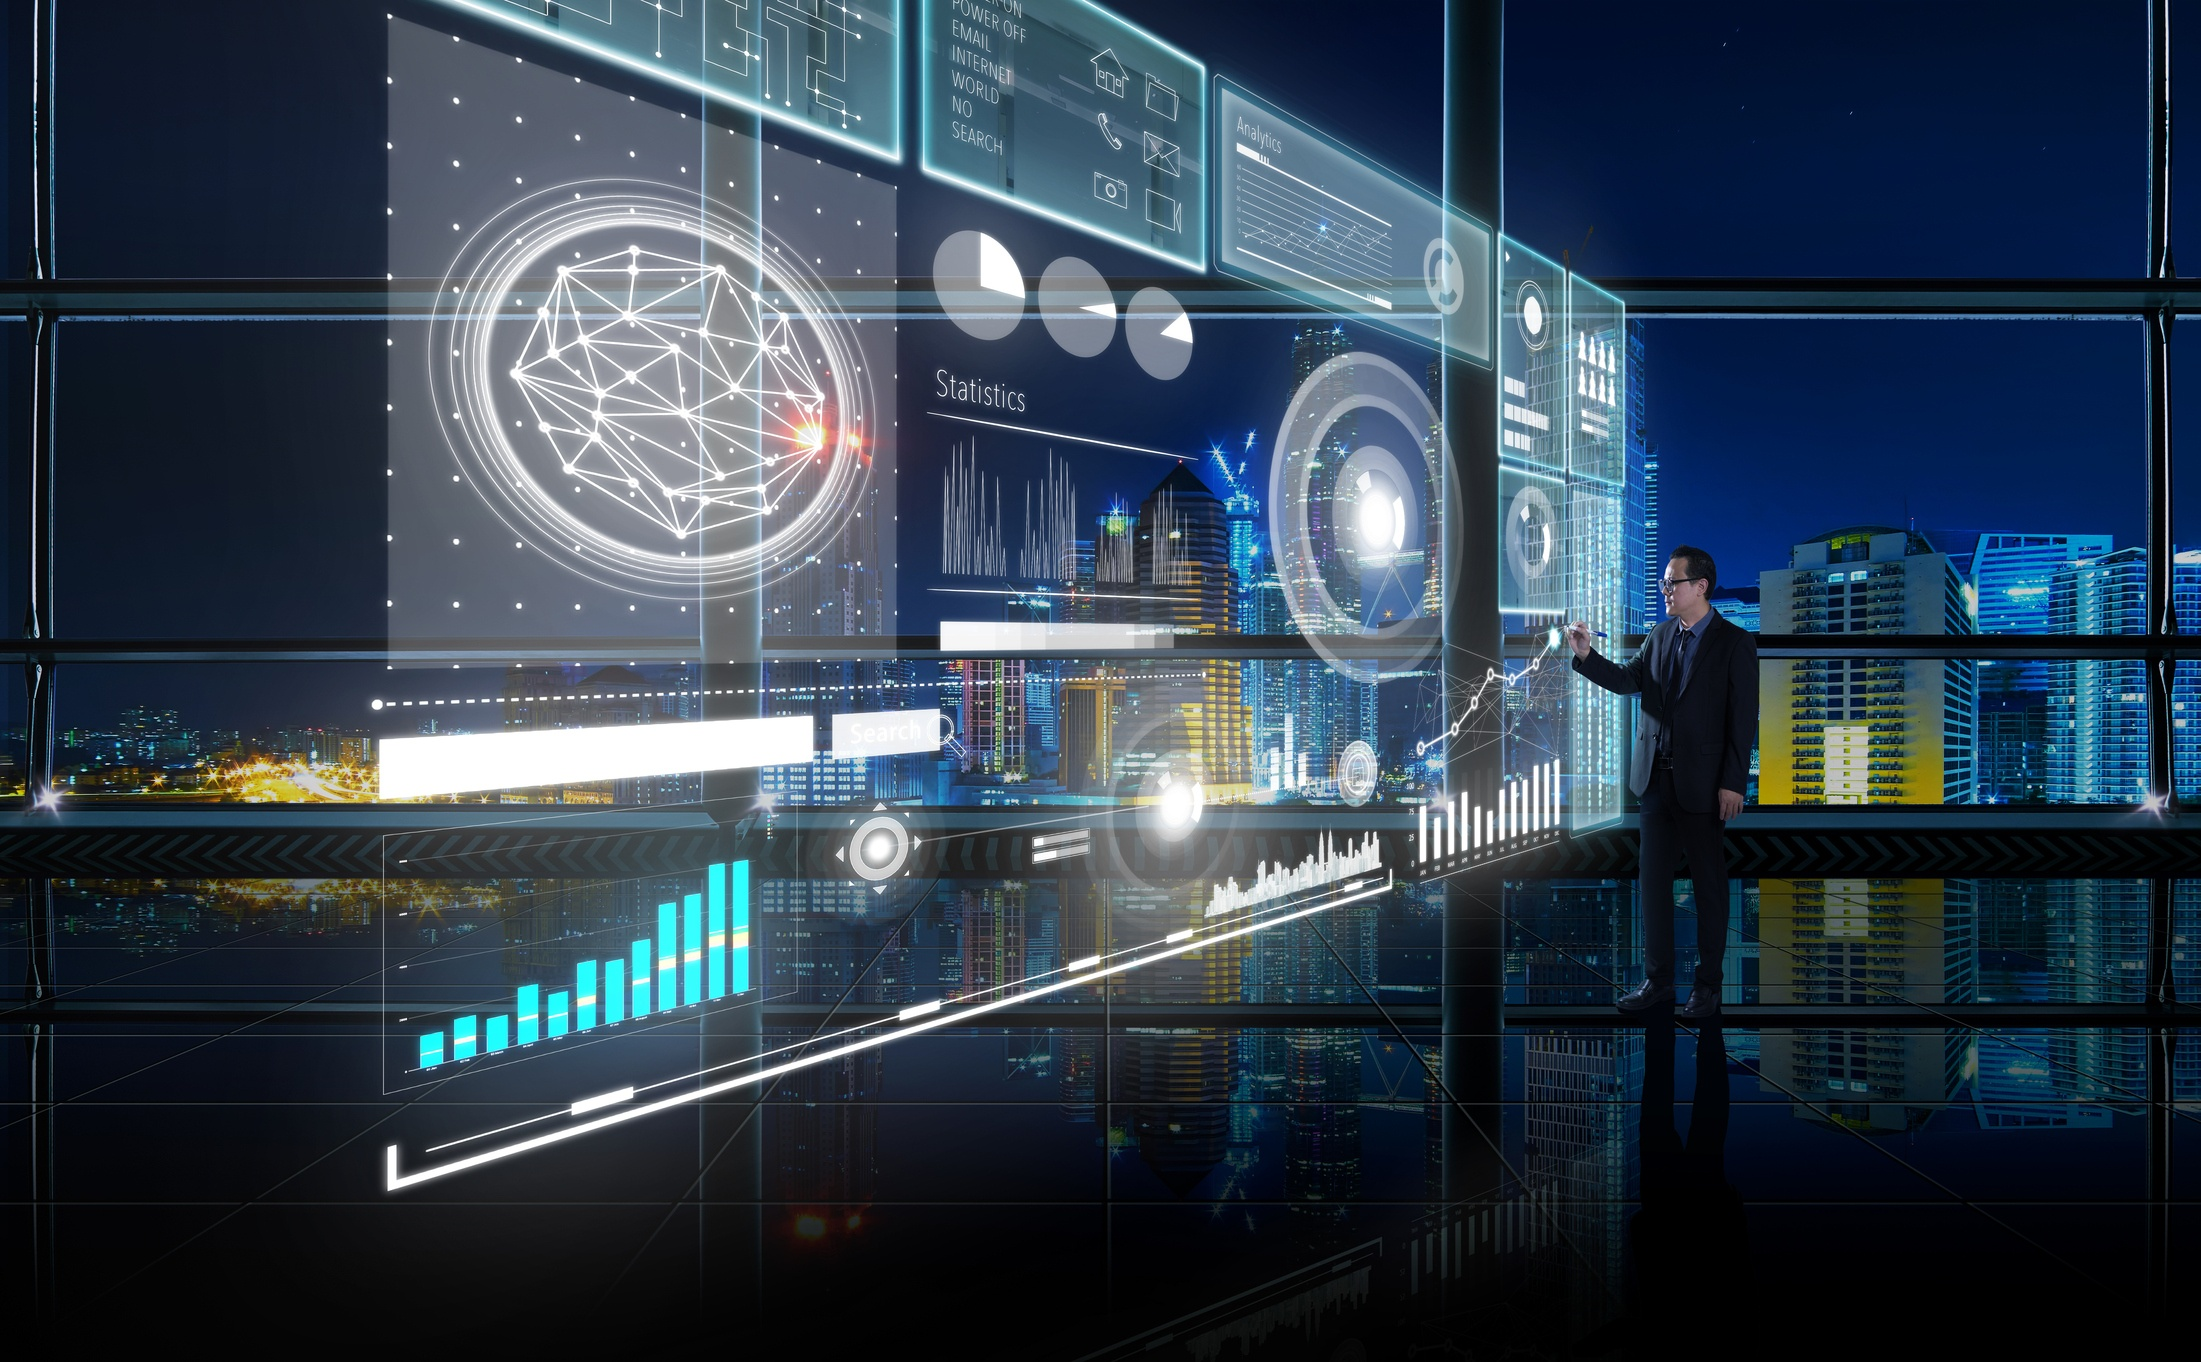 Qué es big data y analytics y por qué debes utilizarlo en tu empresa